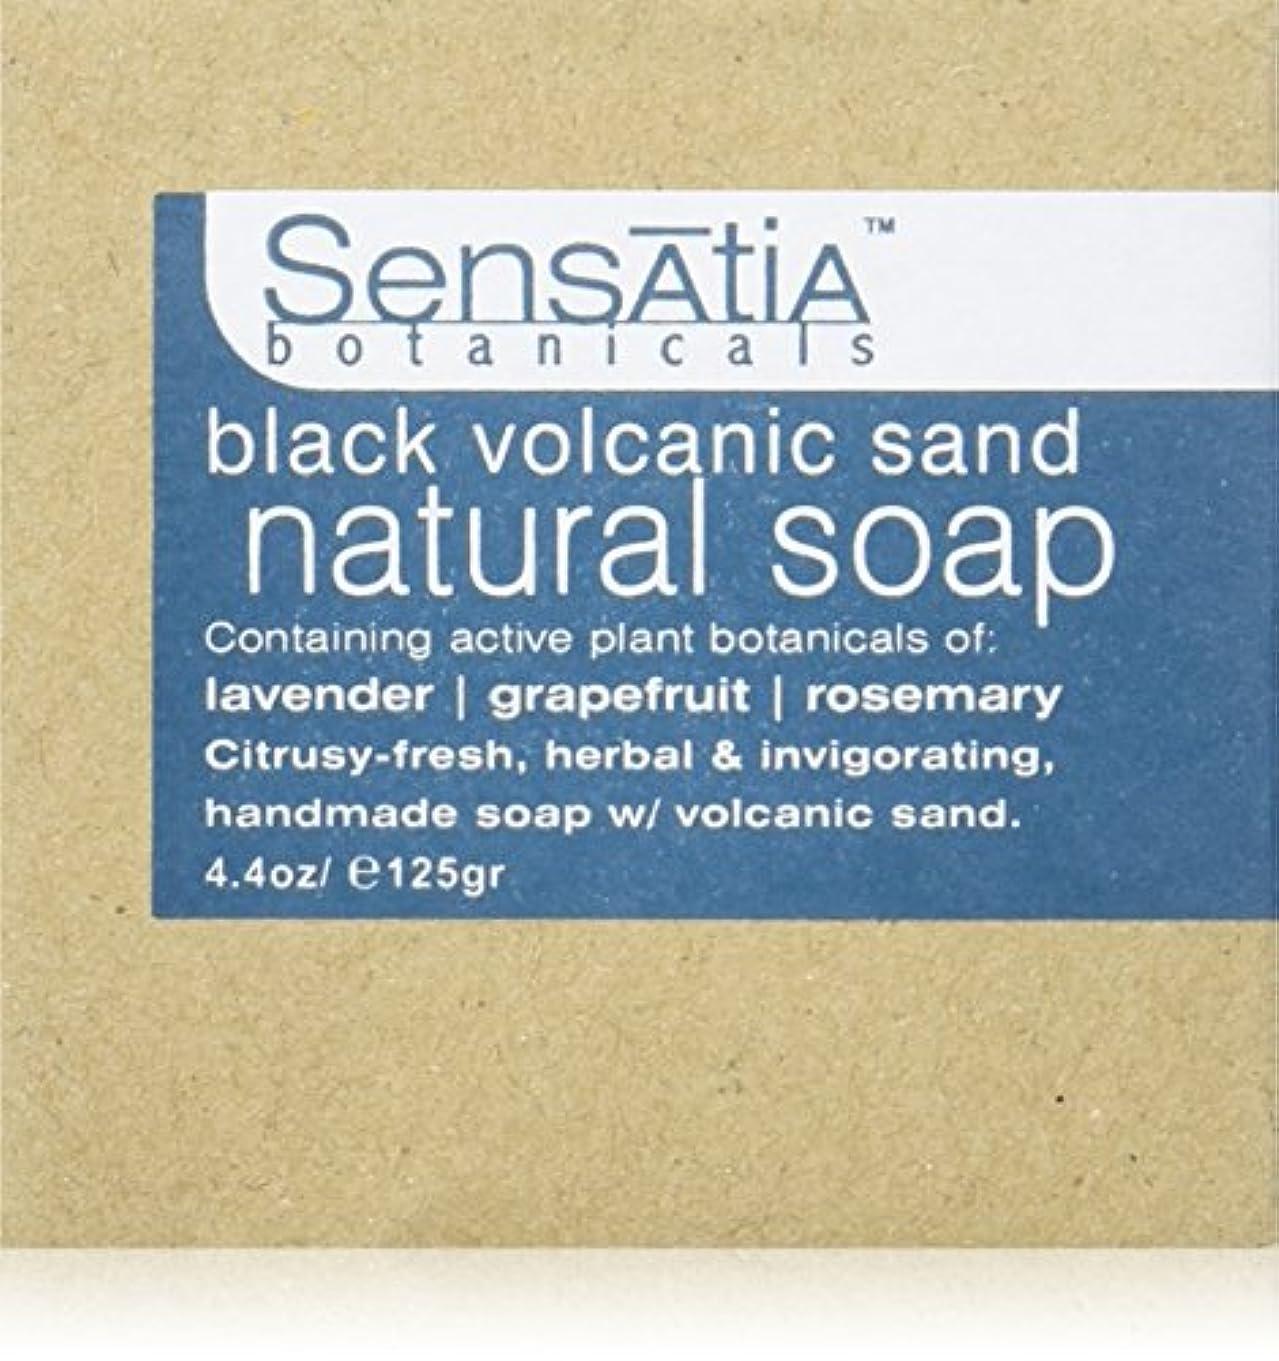 開いた炭水化物エキスSensatia(センセイシャ) フレーバーソープ ブラックボルカニックサンド 125g